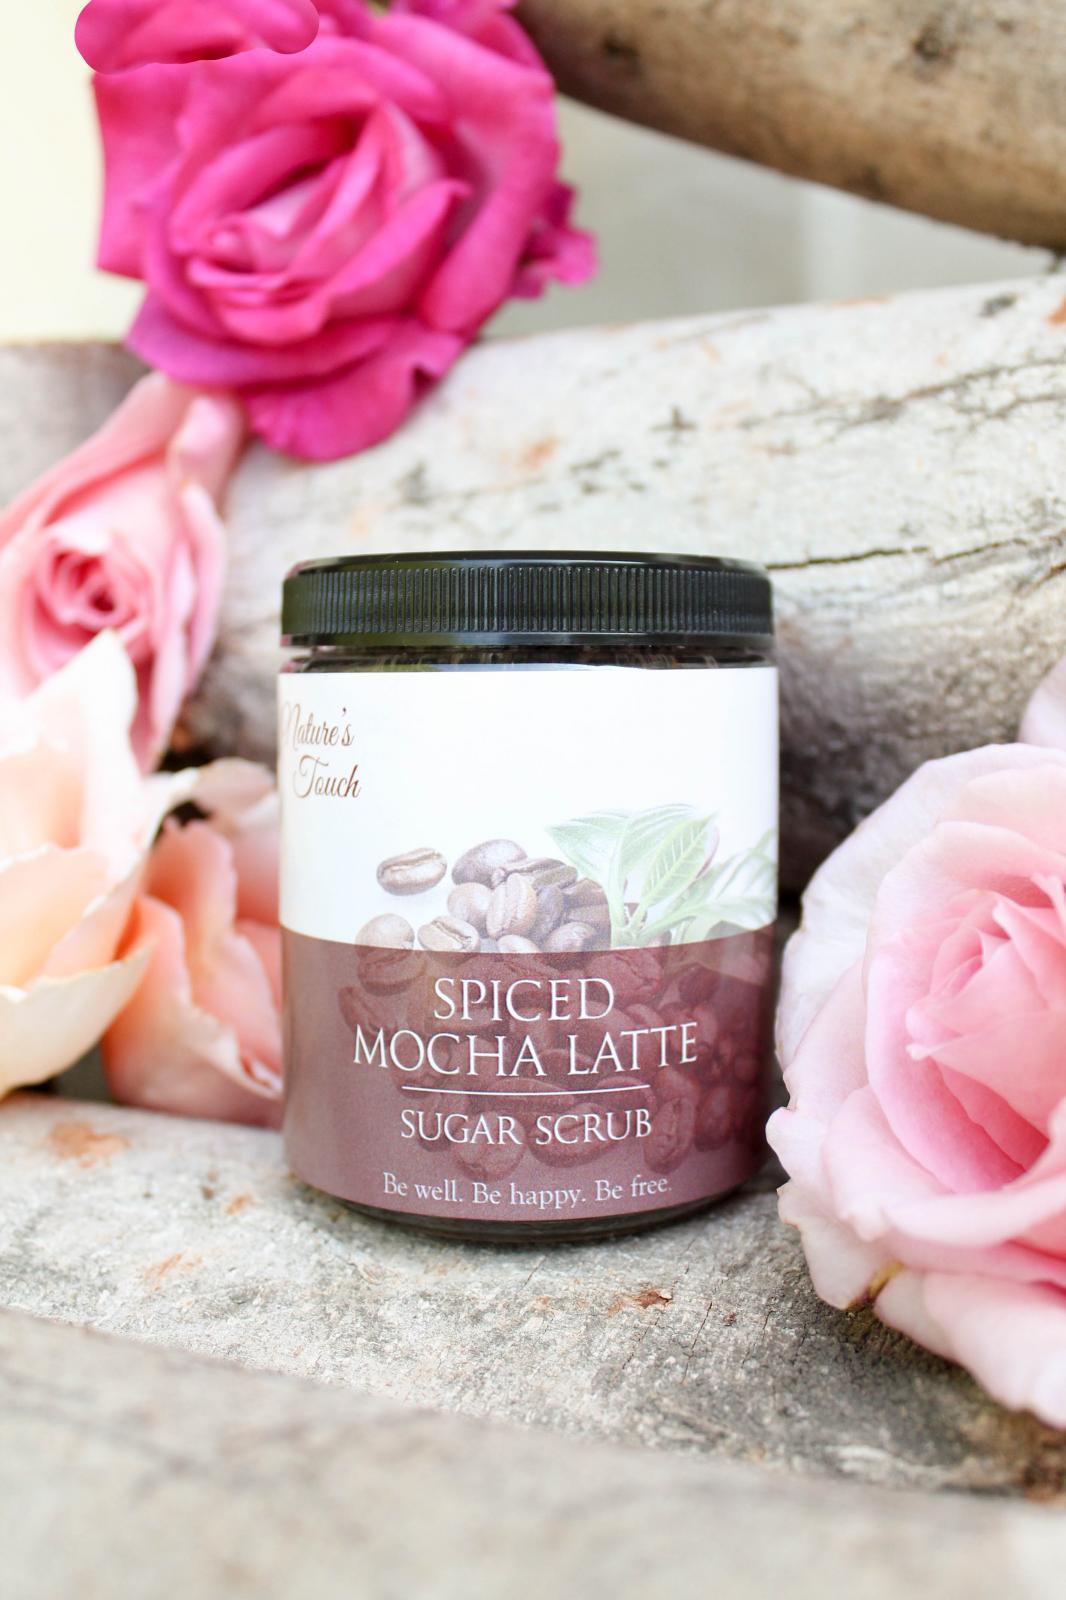 Spiced Mocha Latte Sugar Scrub